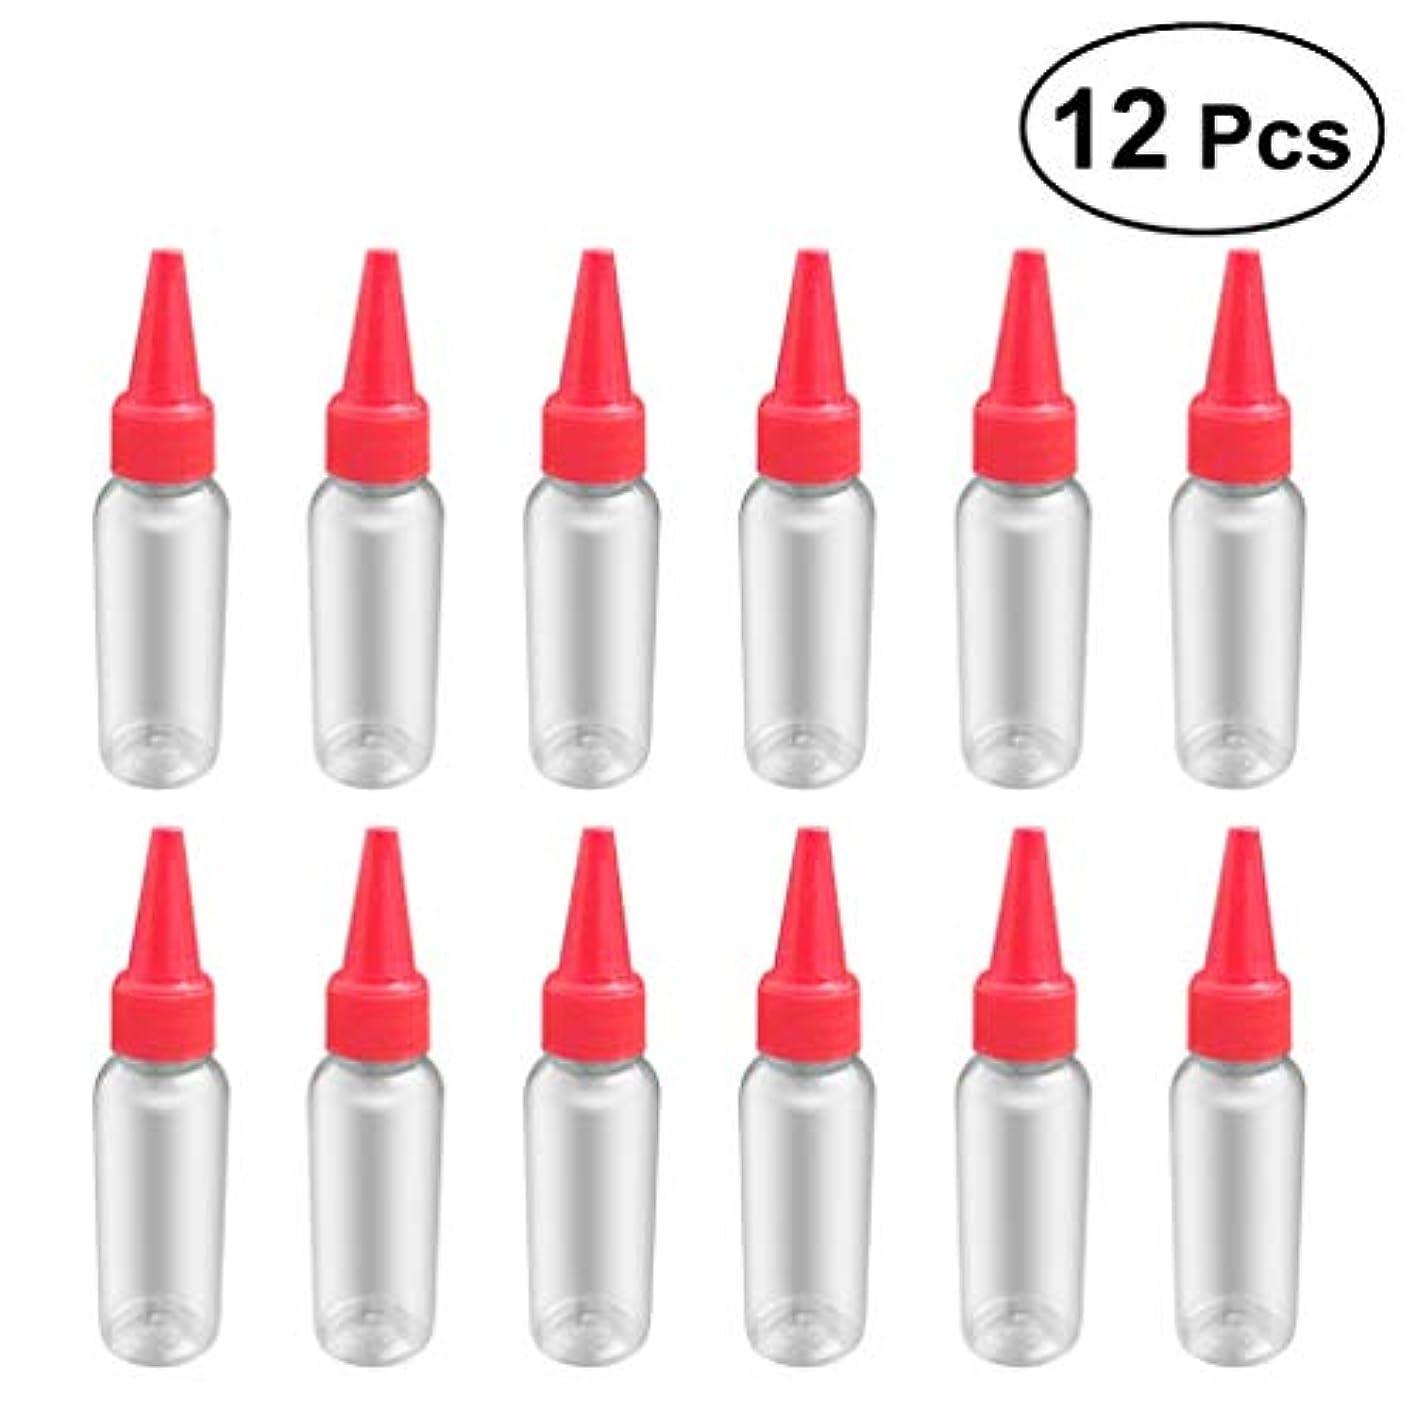 レイア裁量推定SUPVOX 12ピース プラスチック アプリケーターボトル スクイズフロー デザイン チップキャップ 空ボトル 用液体 オイルグルー ディスペンサー ヘアカラー 40ml(赤)